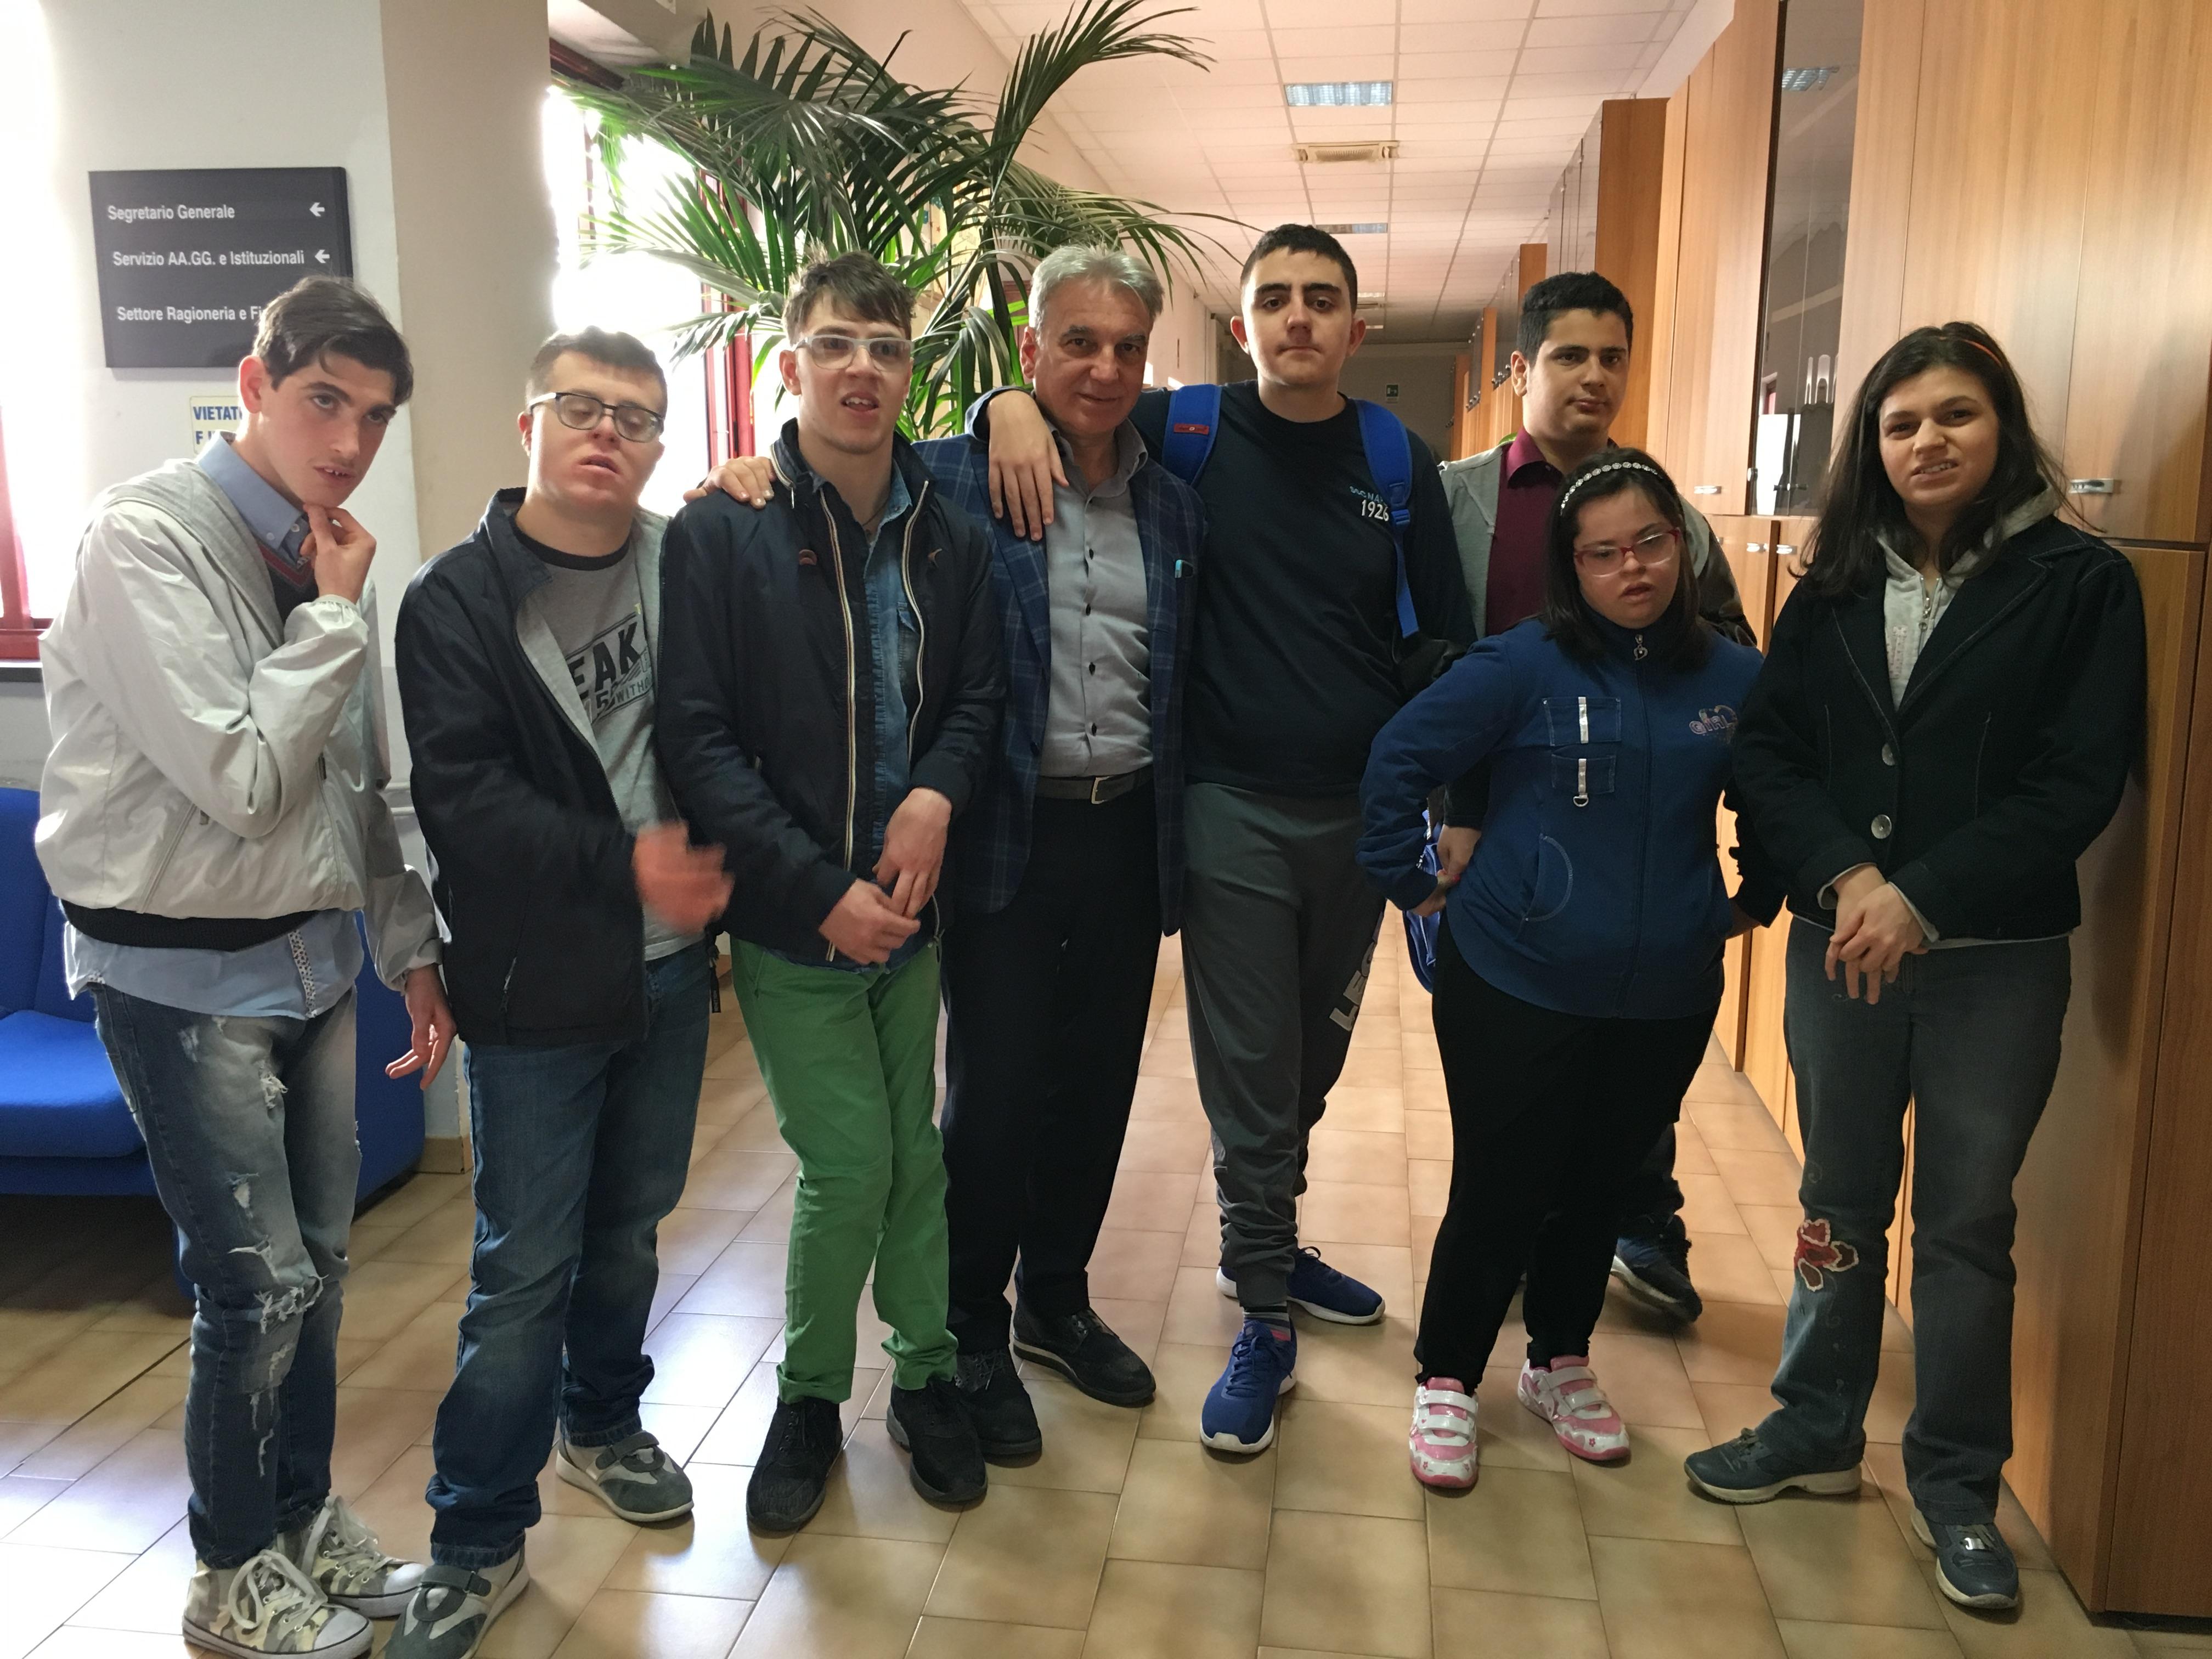 """La disabilità non è piu """" fuori dal Comune"""", il sindaco Abete apre le porte del Municipio ai ragazzi diversamente abili"""